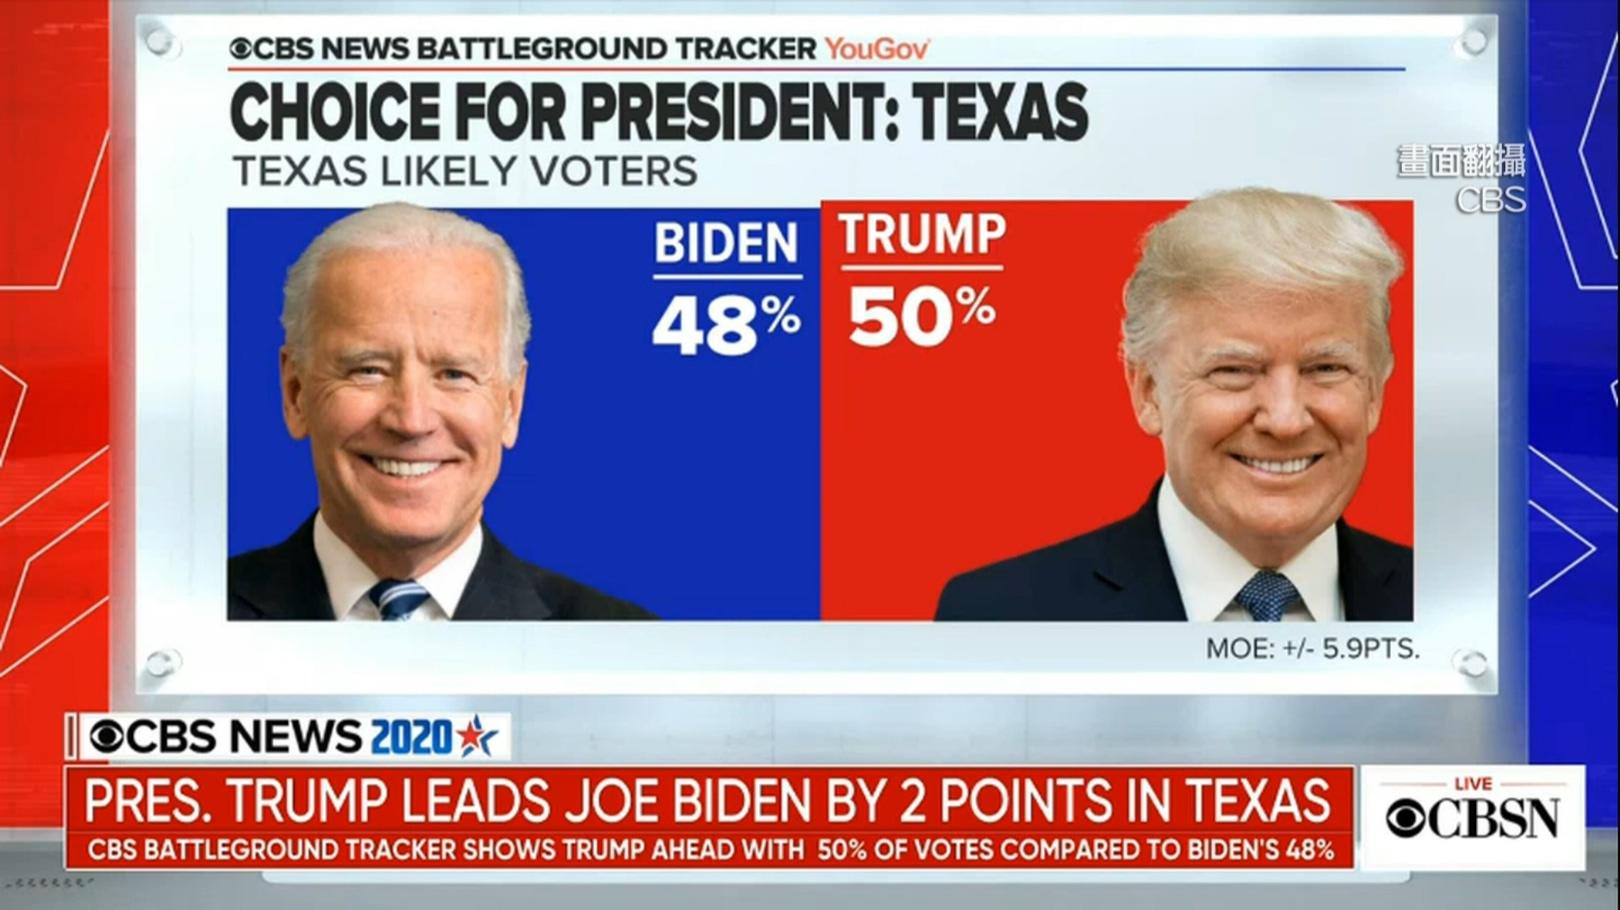 選戰最後倒數!川普、拜登德州「民調打平」民主黨有望奪下選票